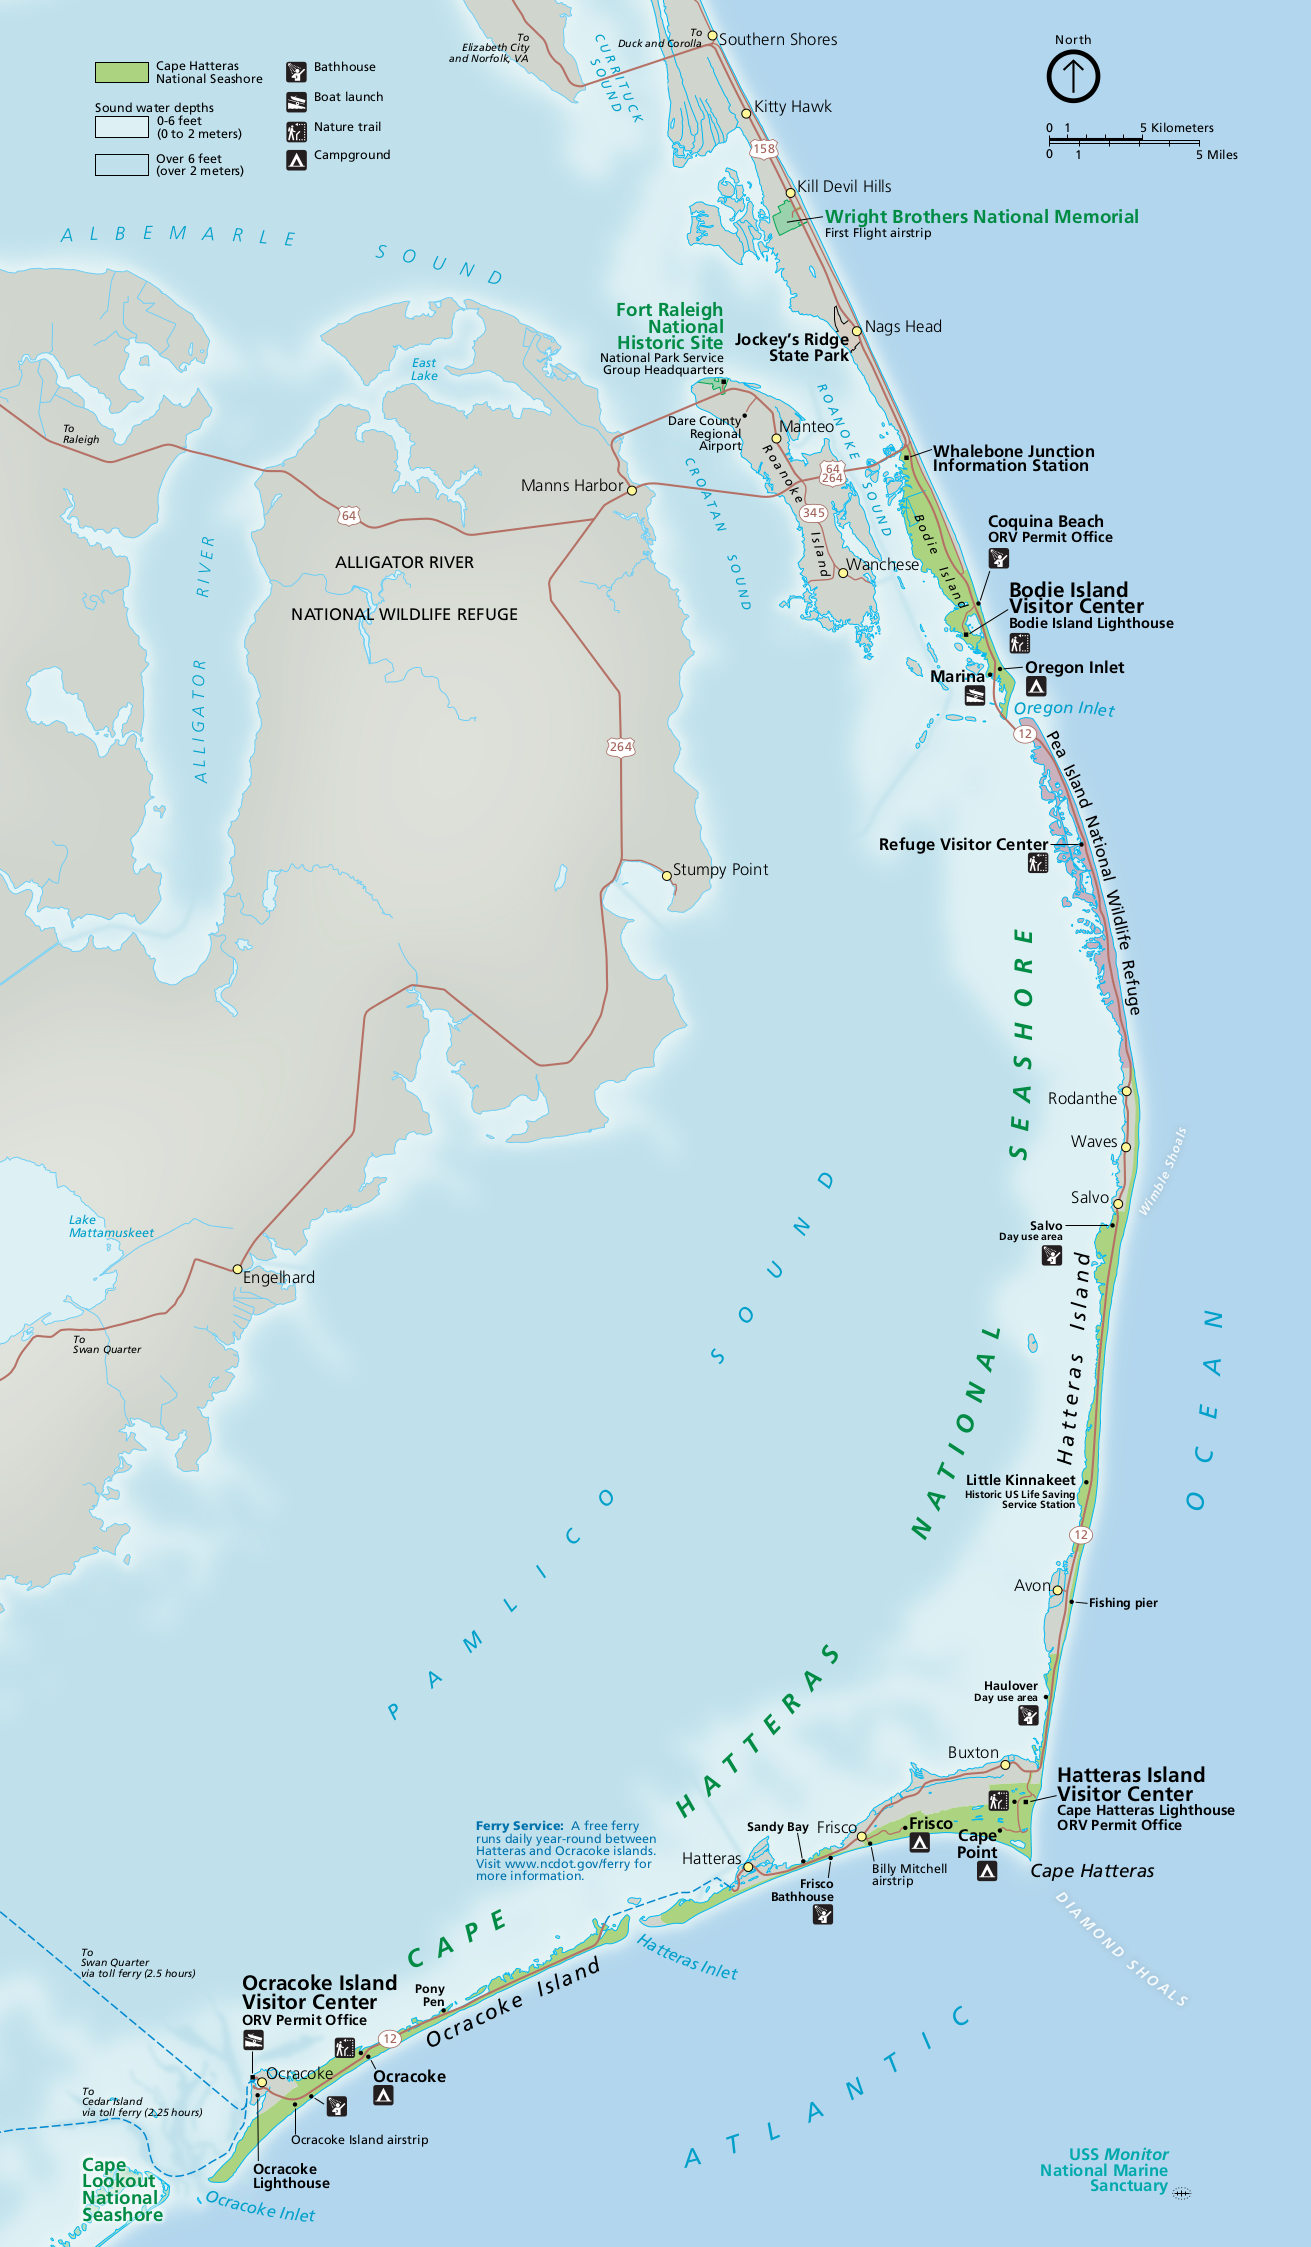 Cape Hatteras Maps | NPMaps.com - just free maps, period.